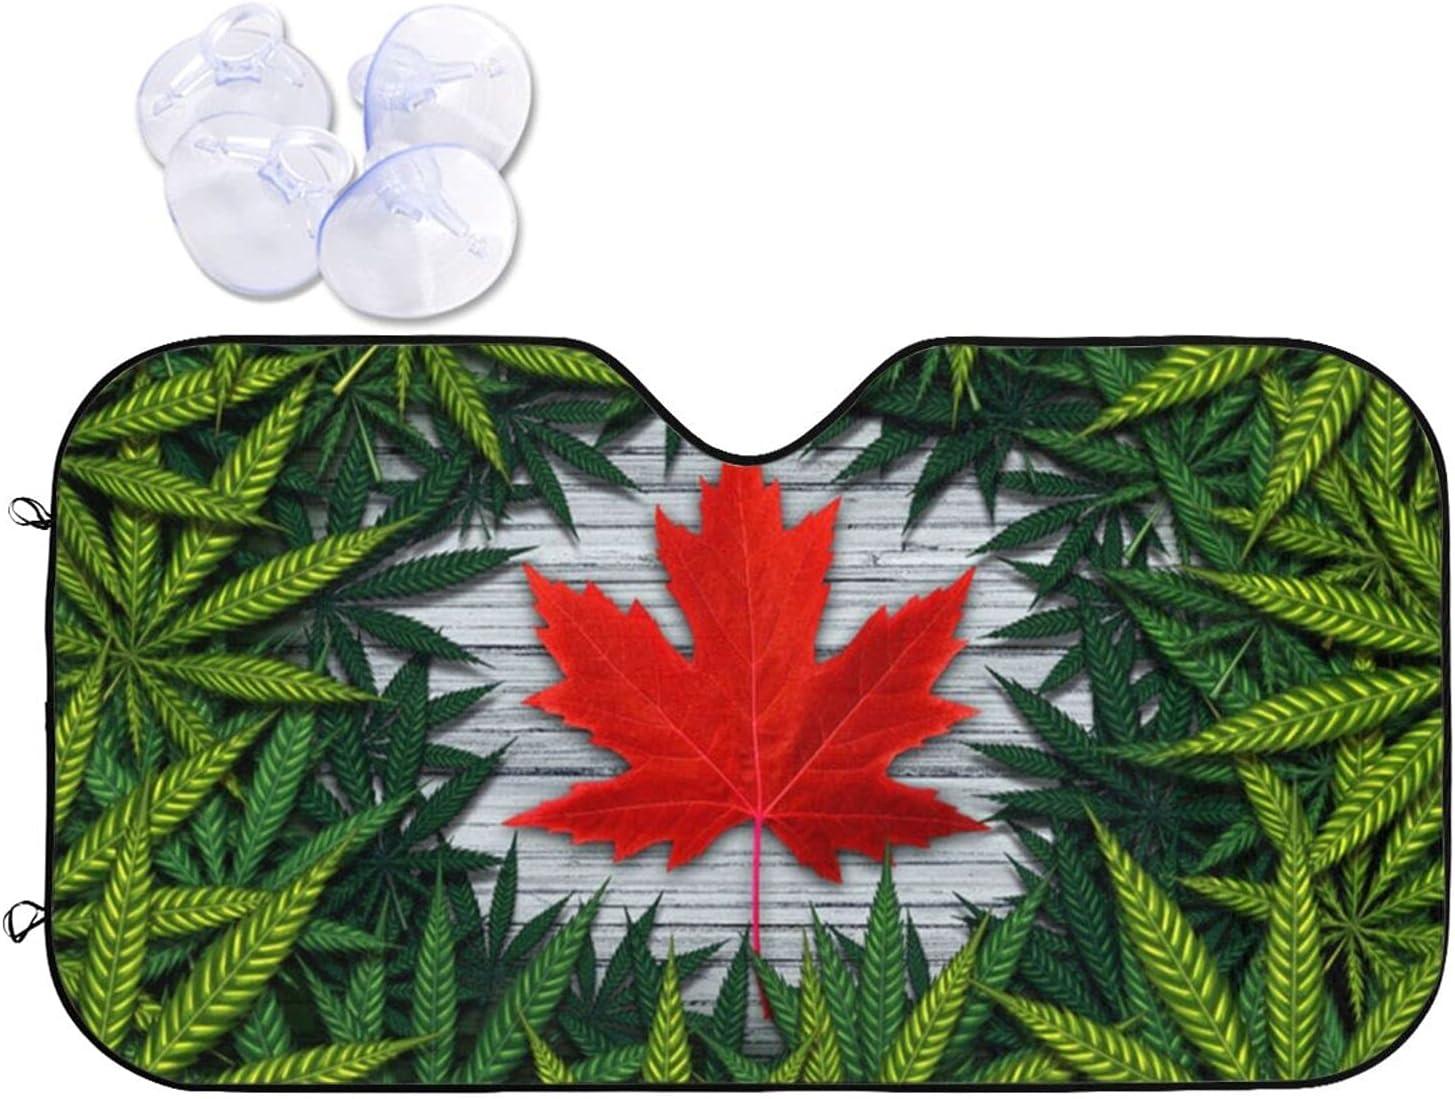 KXT Windshield Sun Shade Marijuana The in Cannabis Gifts Foldab Cheap sale Canada